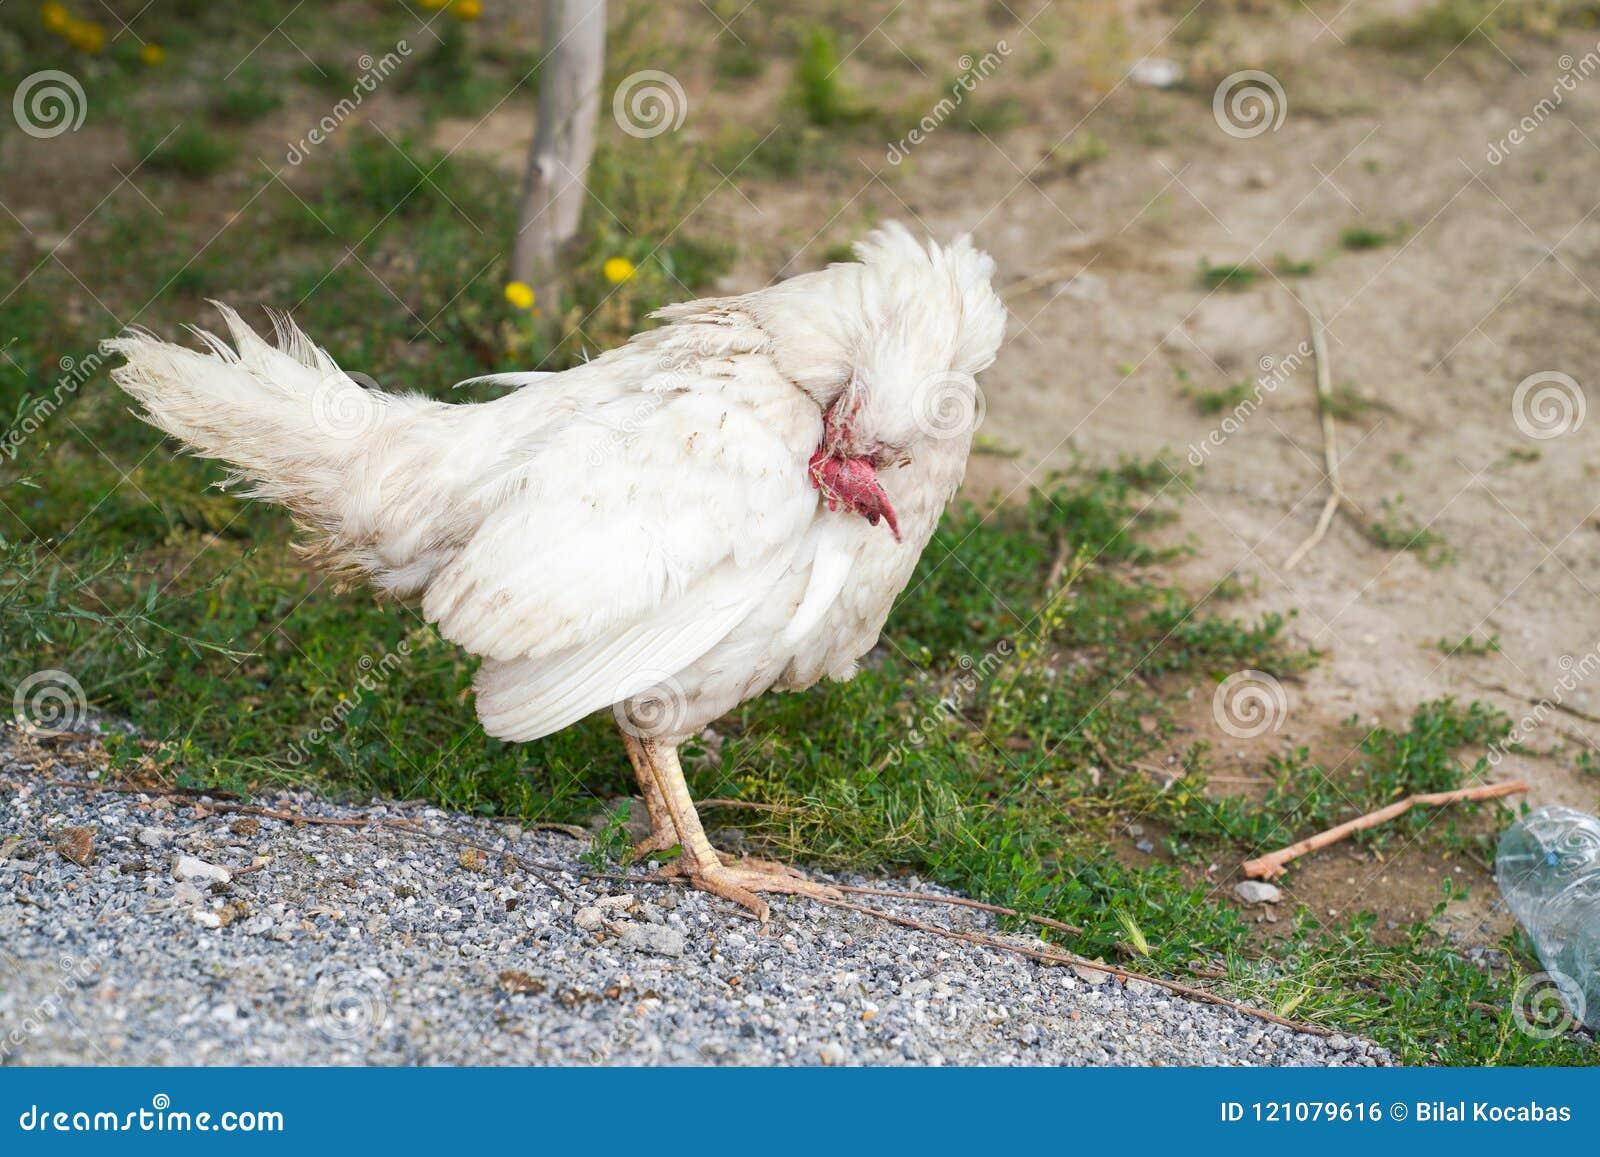 Το ενιαίο άρρωστο άσπρο κοτόπουλο στέκεται και σκέφτεται